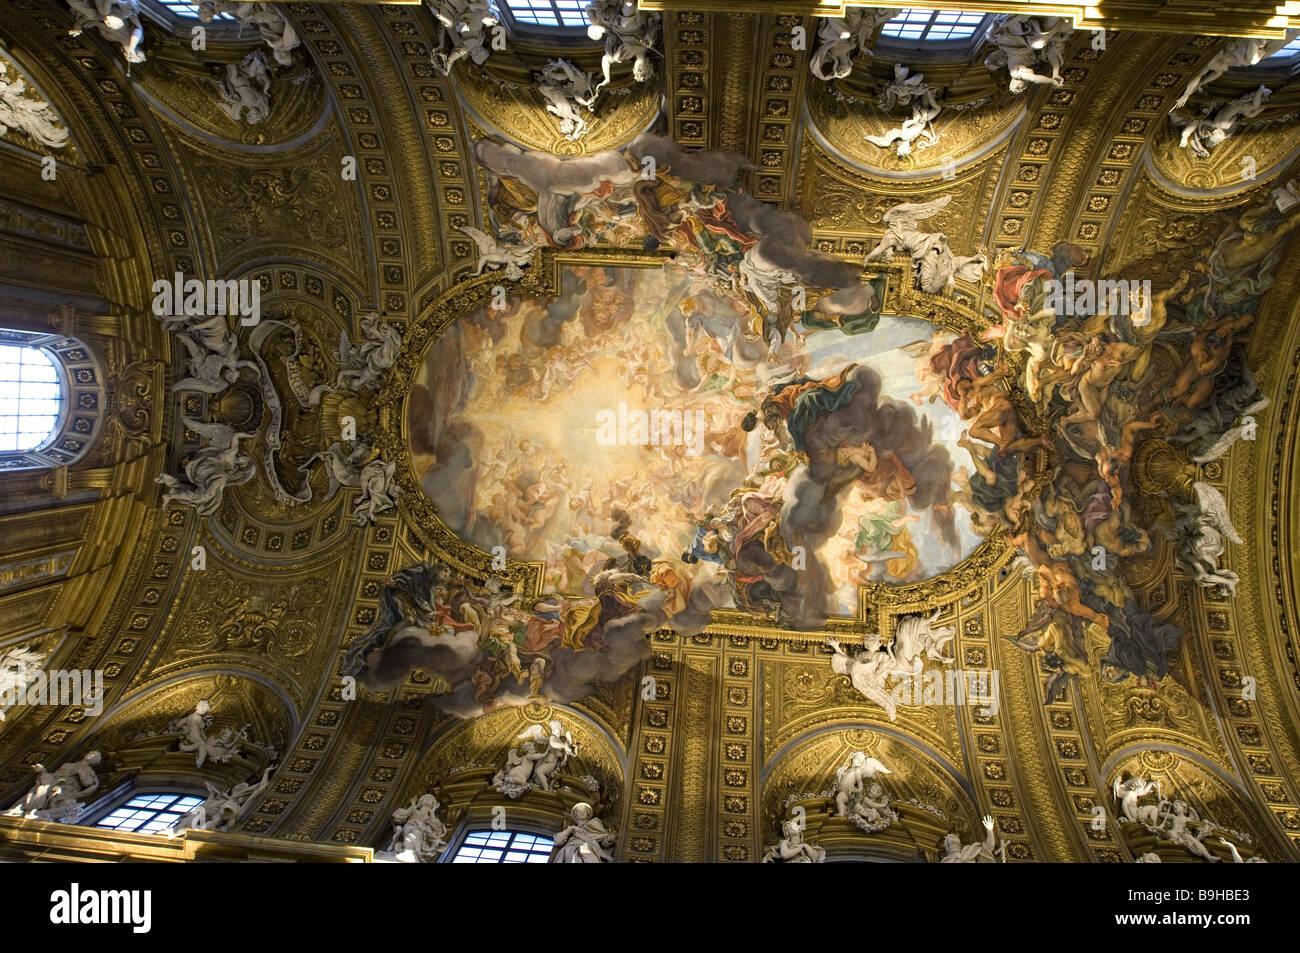 rome italy baroque interior of the church of santa maria della